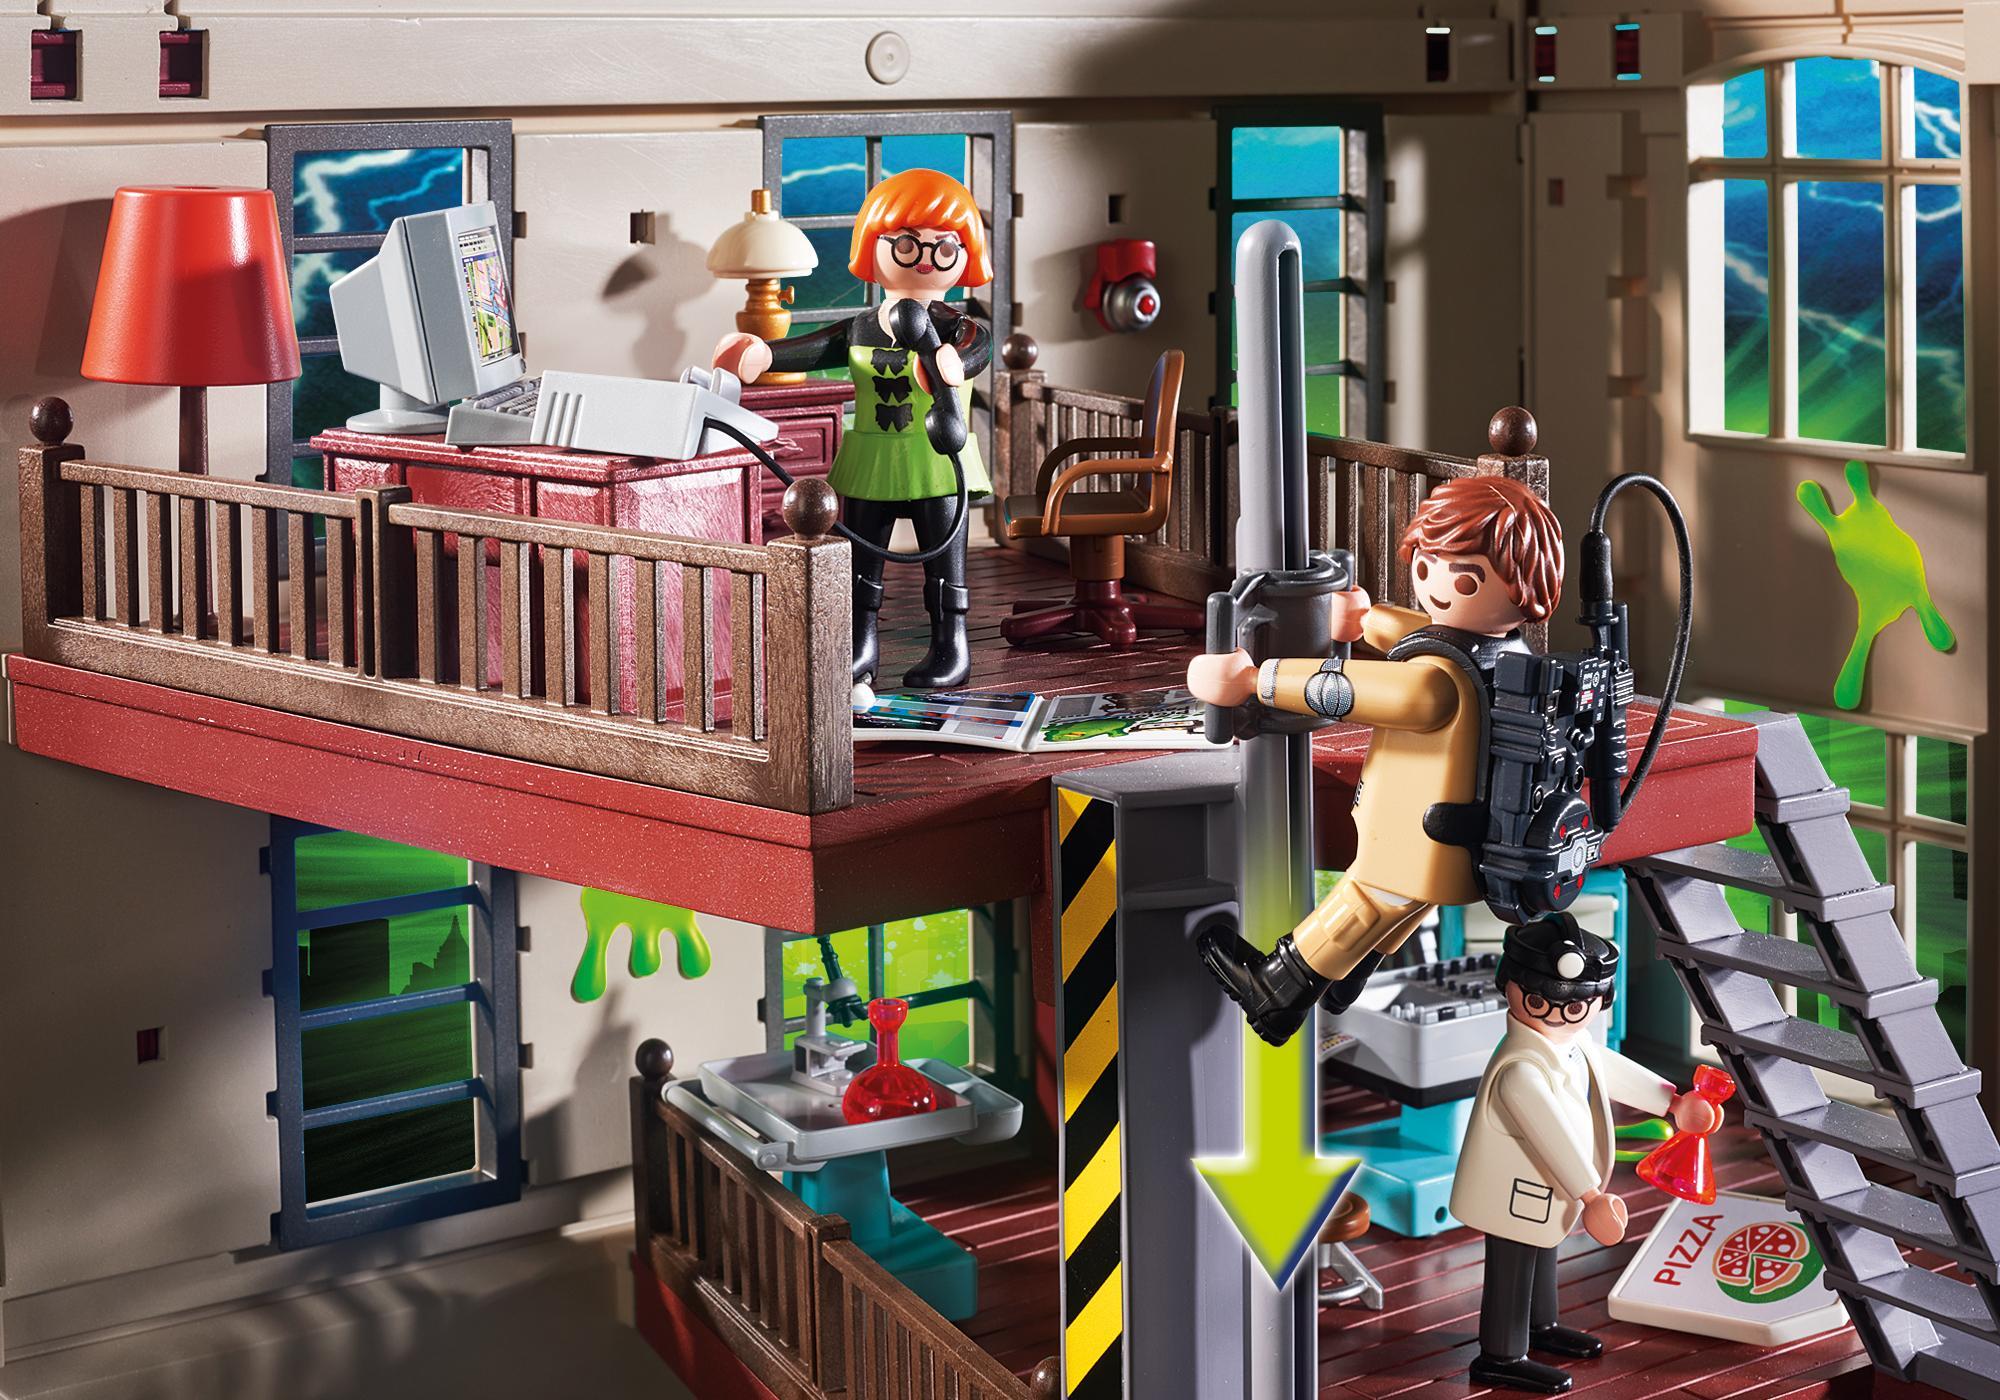 http://media.playmobil.com/i/playmobil/9219_product_extra3/Quartier Général Ghostbusters